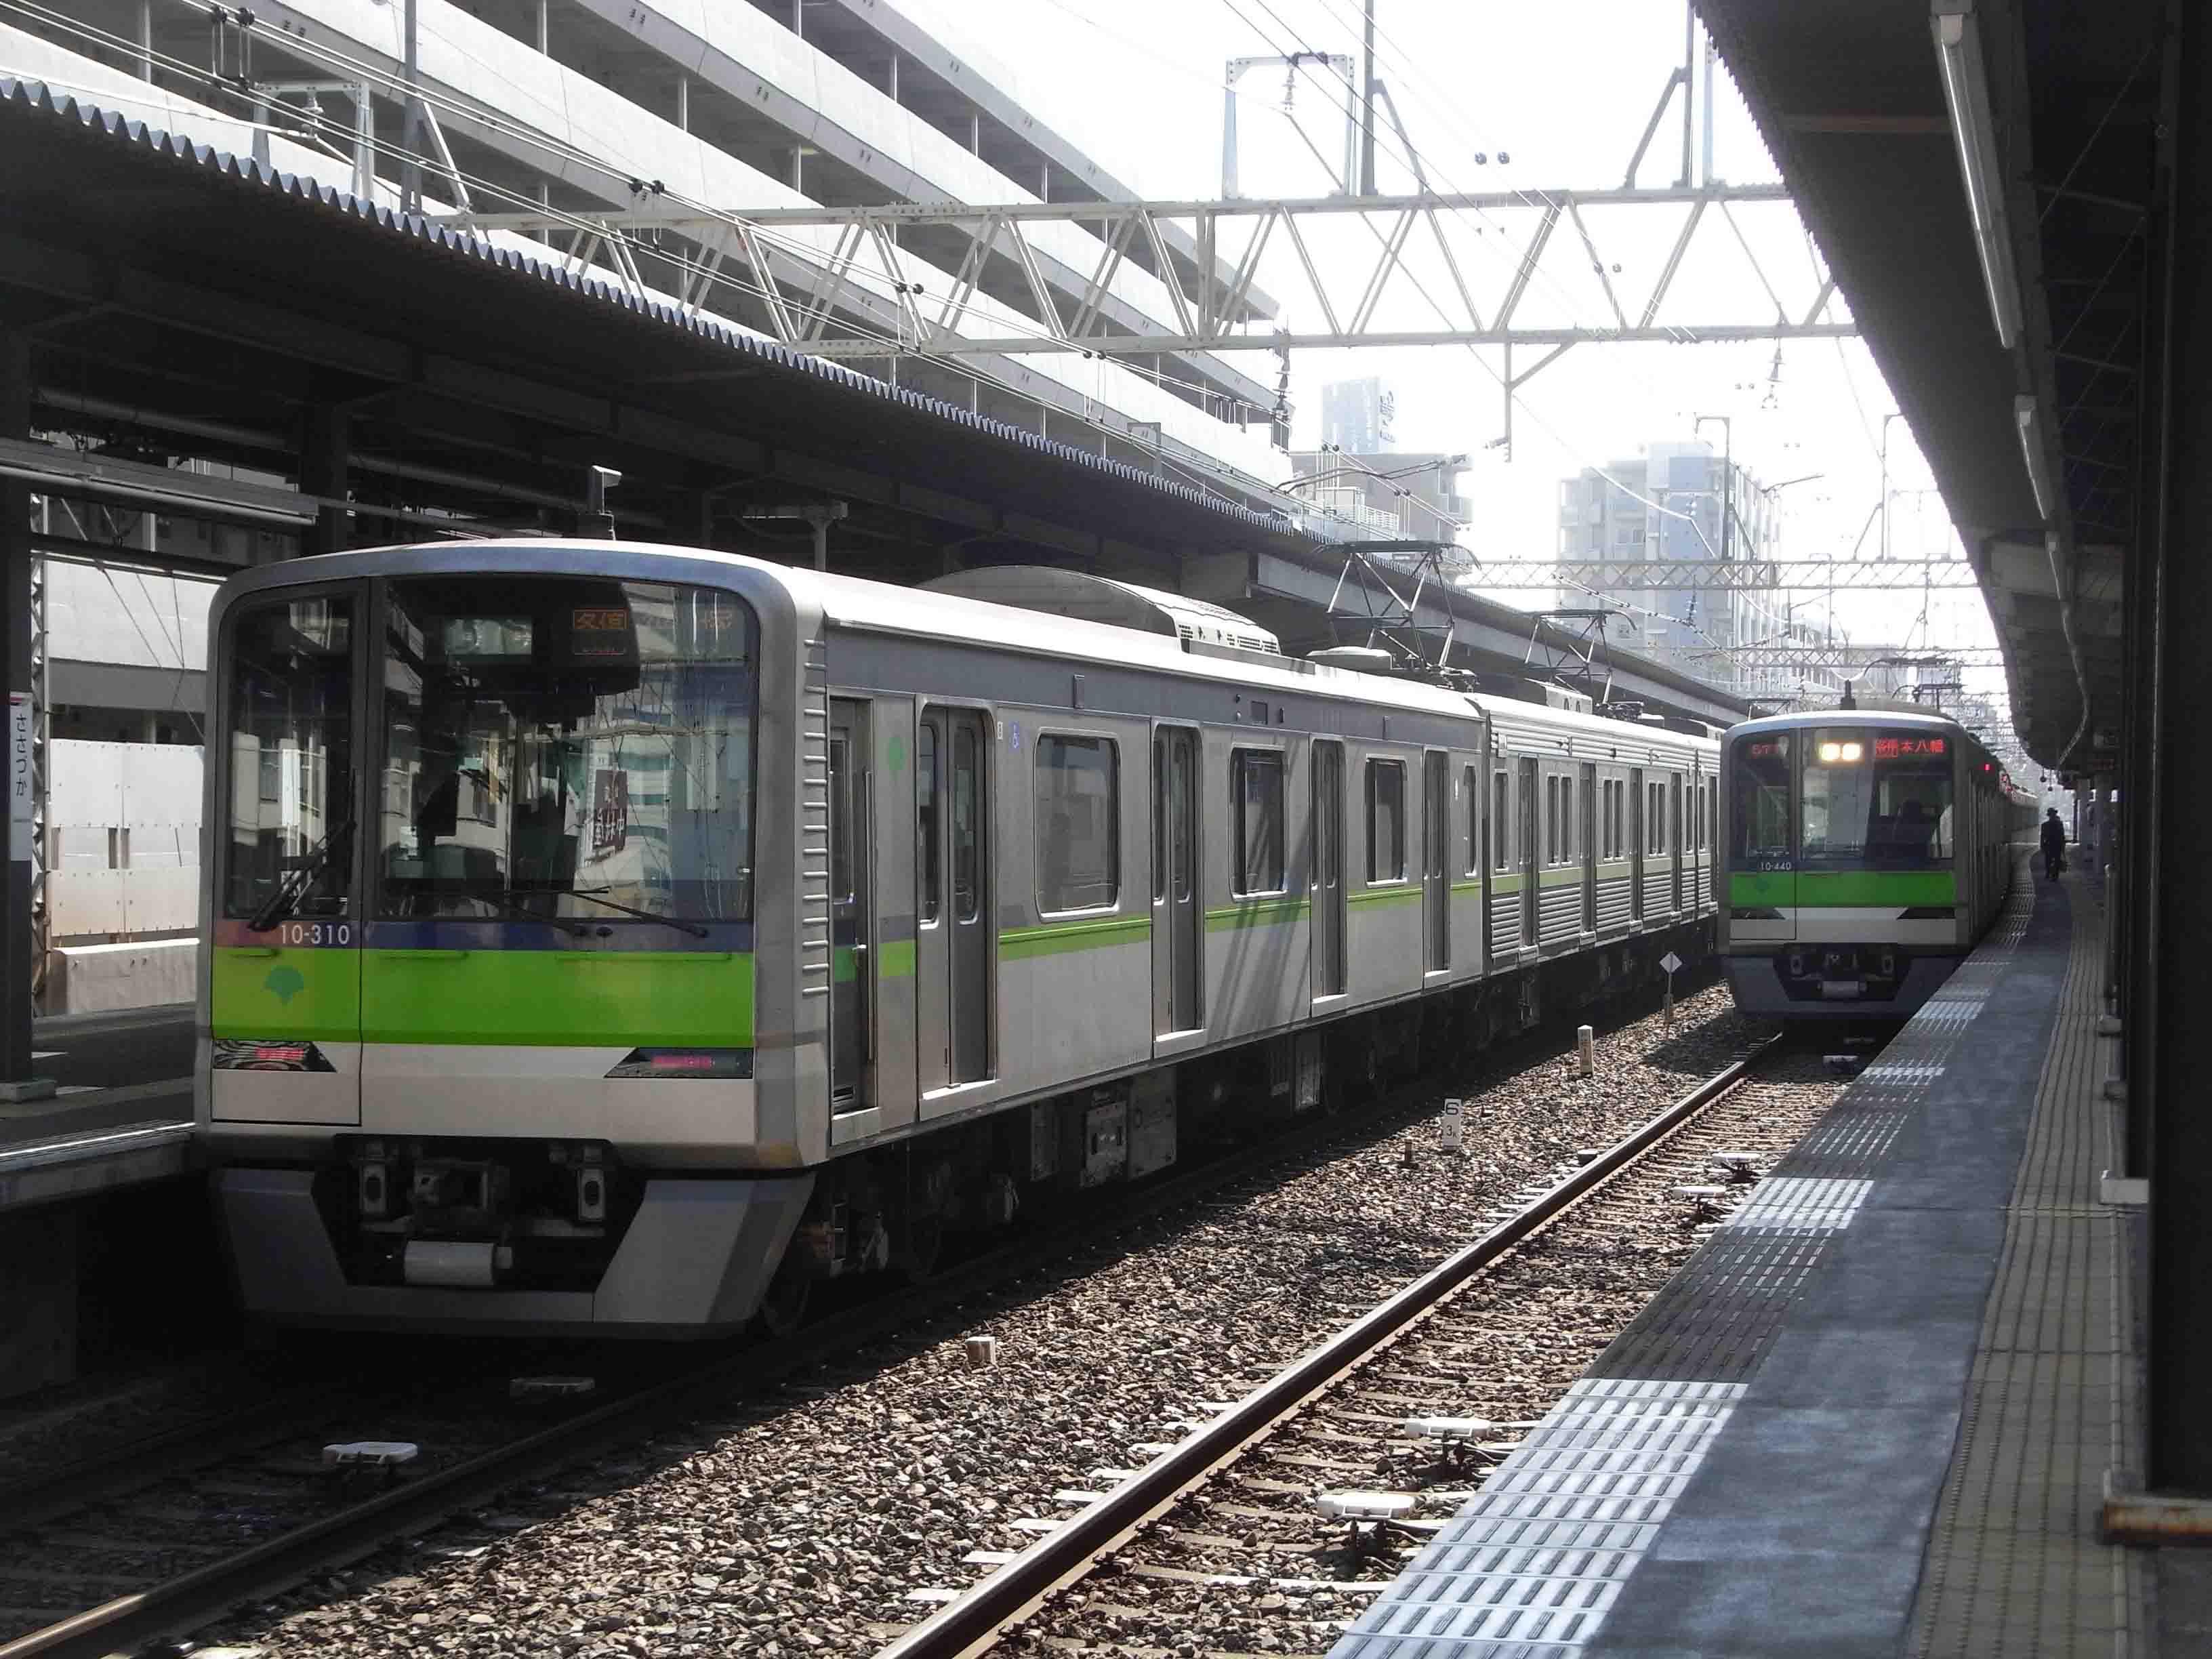 20110414笹塚聖ヶ丘 035A